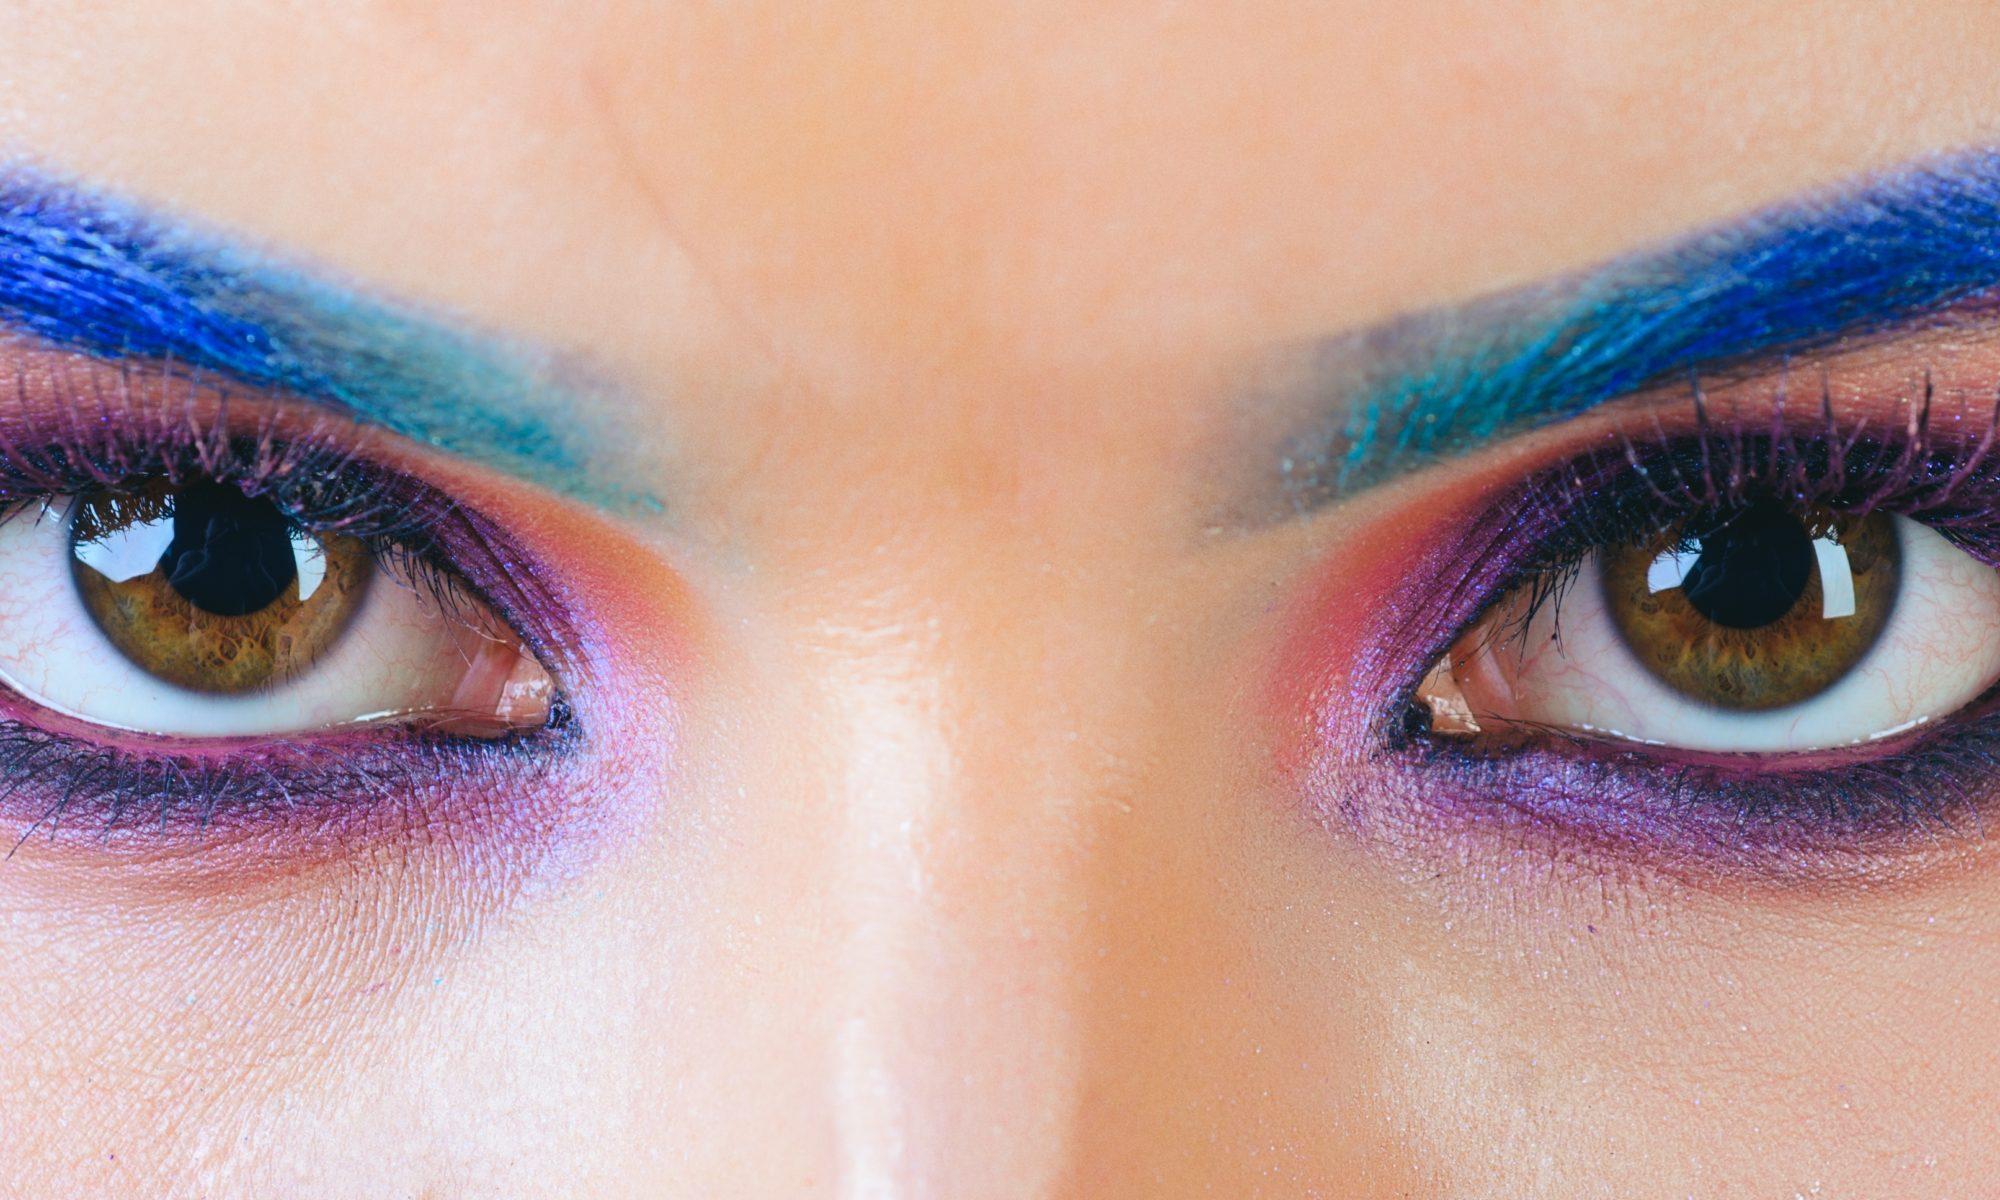 zbliżenie na kobiece oczy w neonowym makijażu